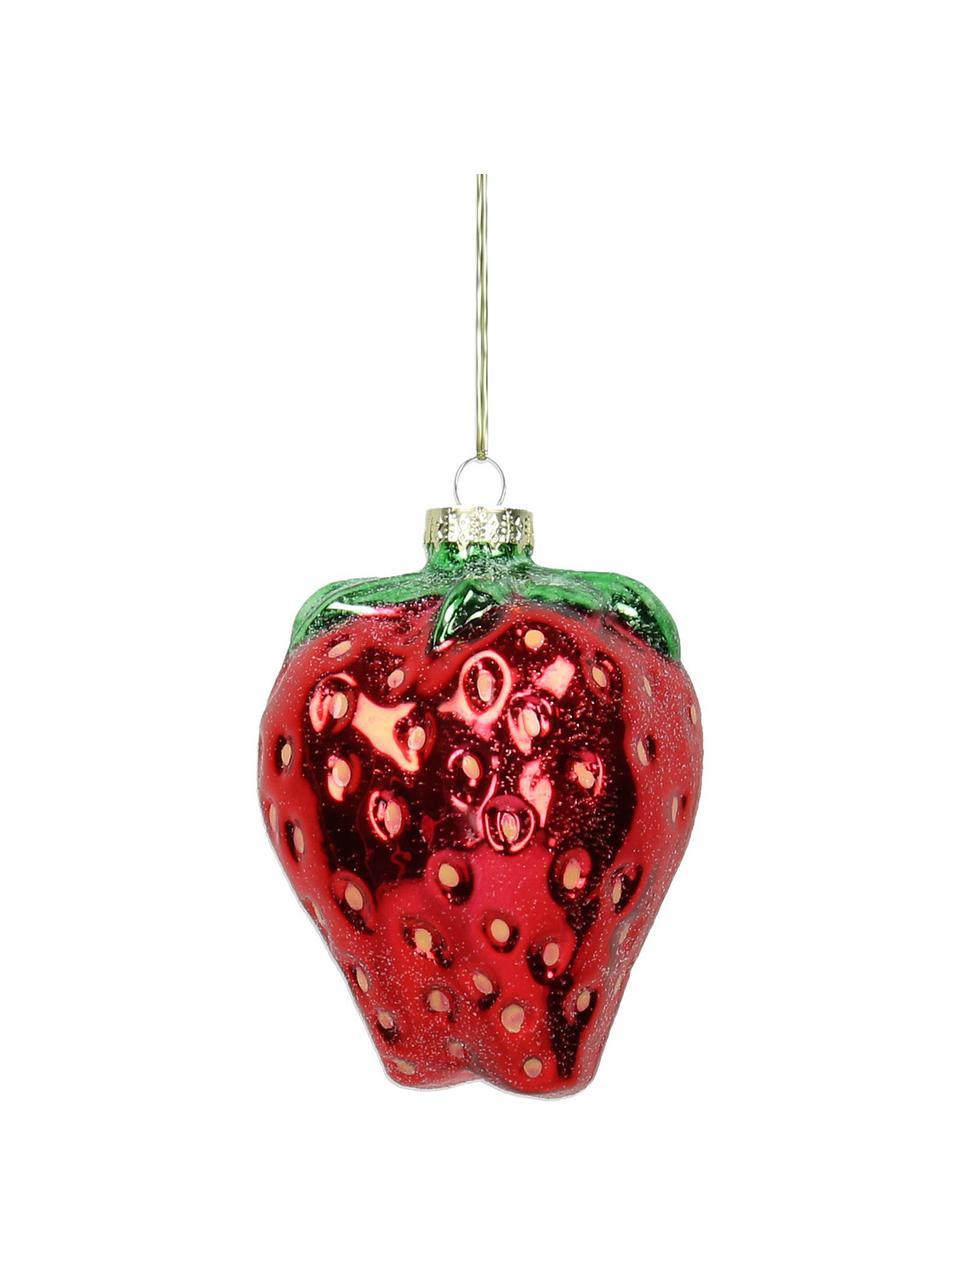 Baumanhänger Strawberry, 2 Stück, Rot, Grün, Ø 7 x H 9 cm